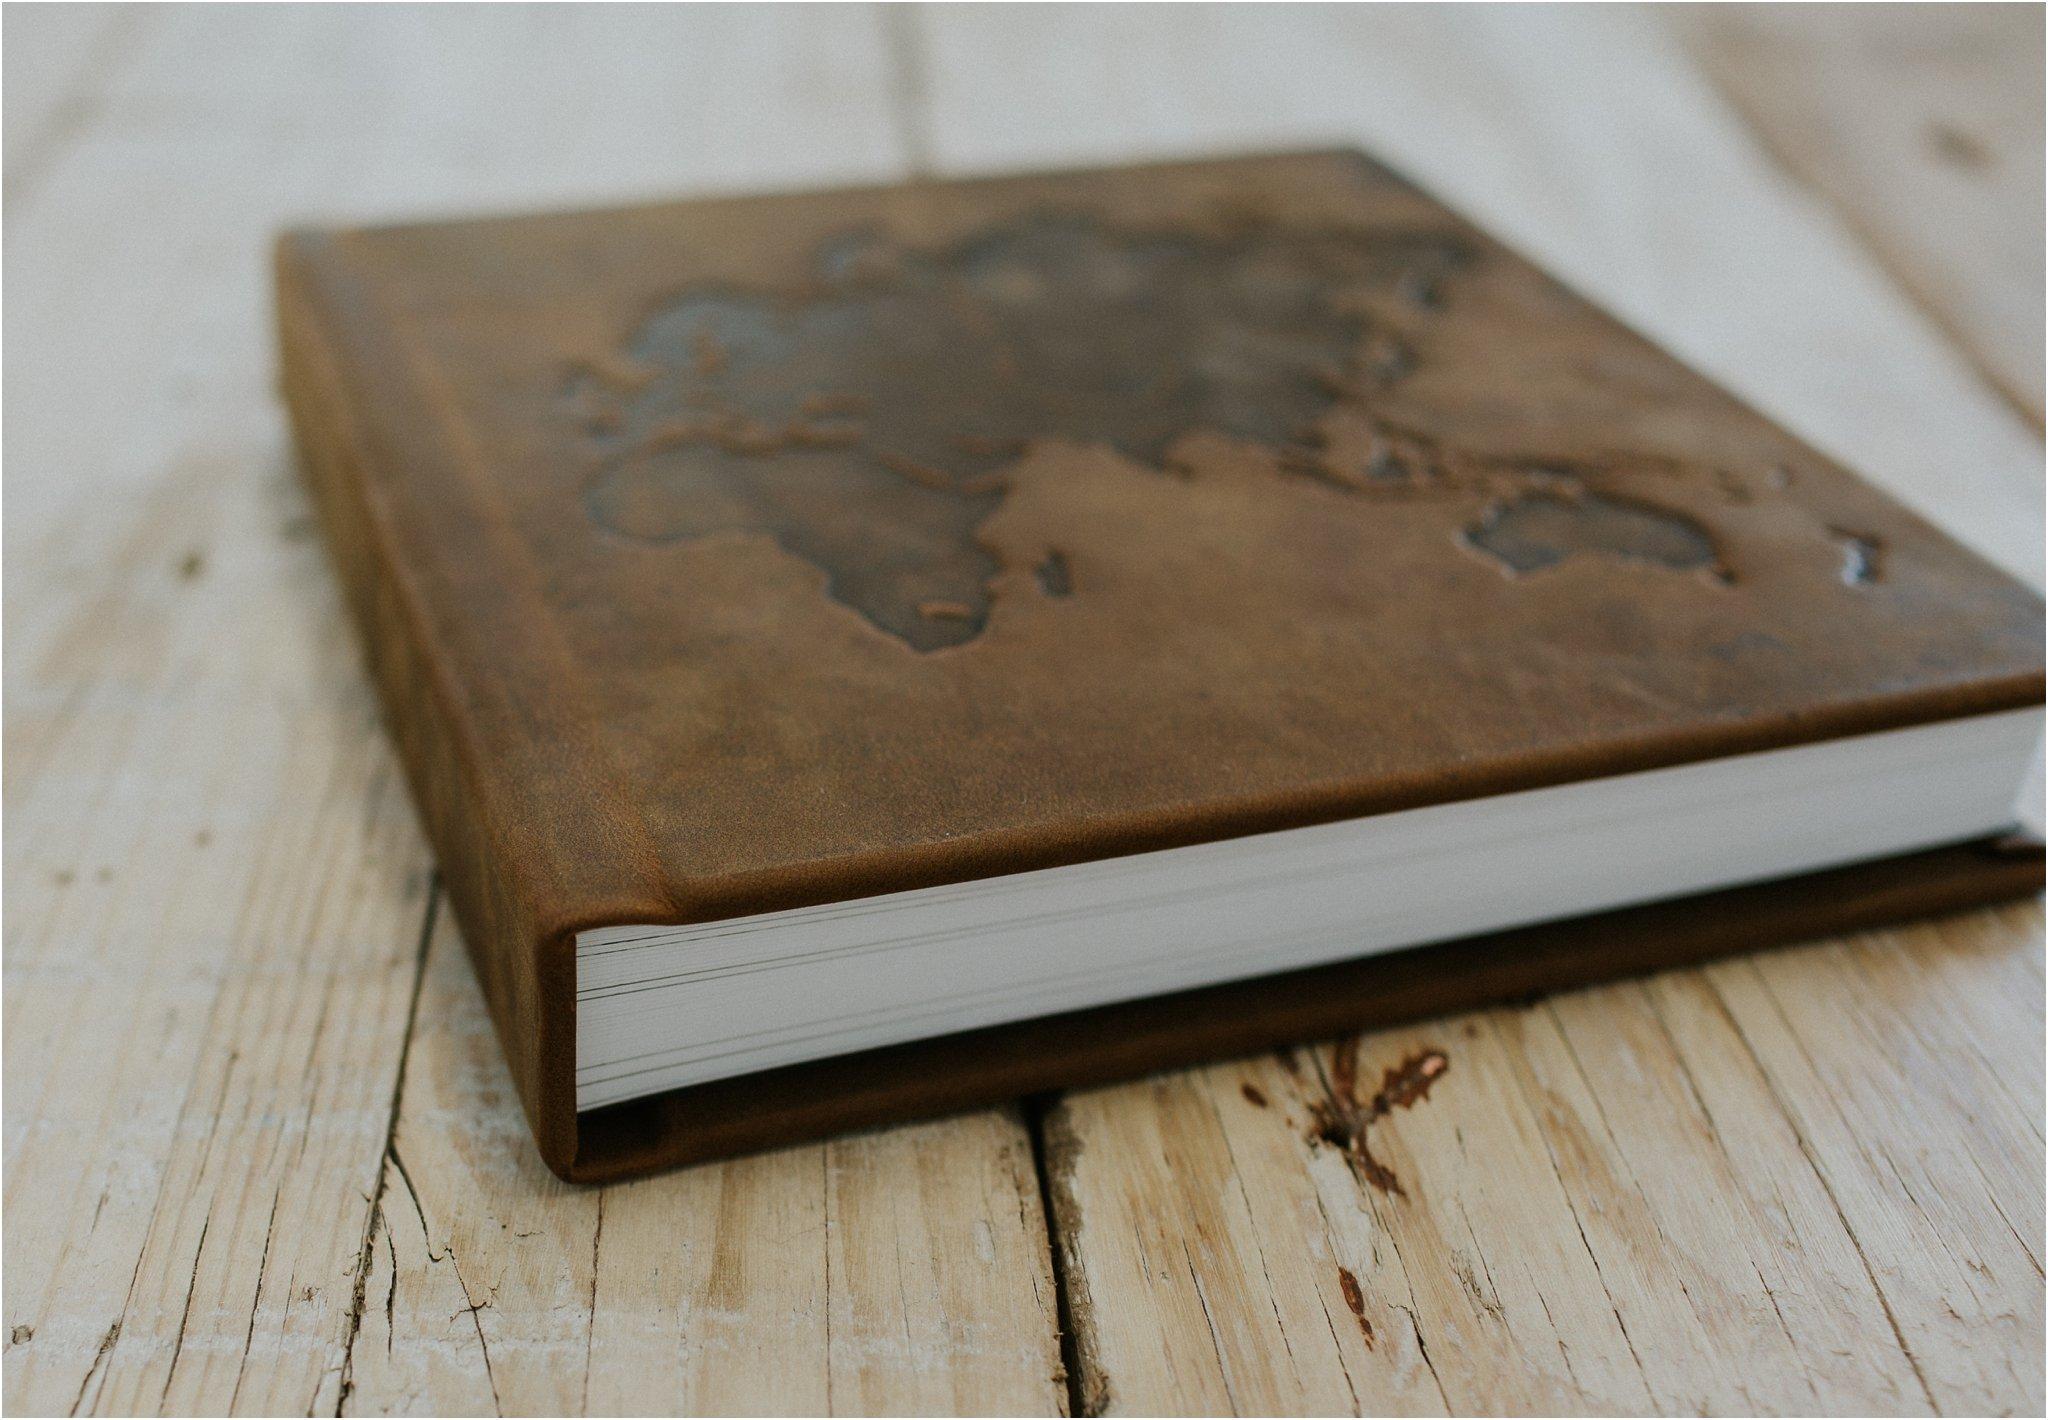 Fine art photo books